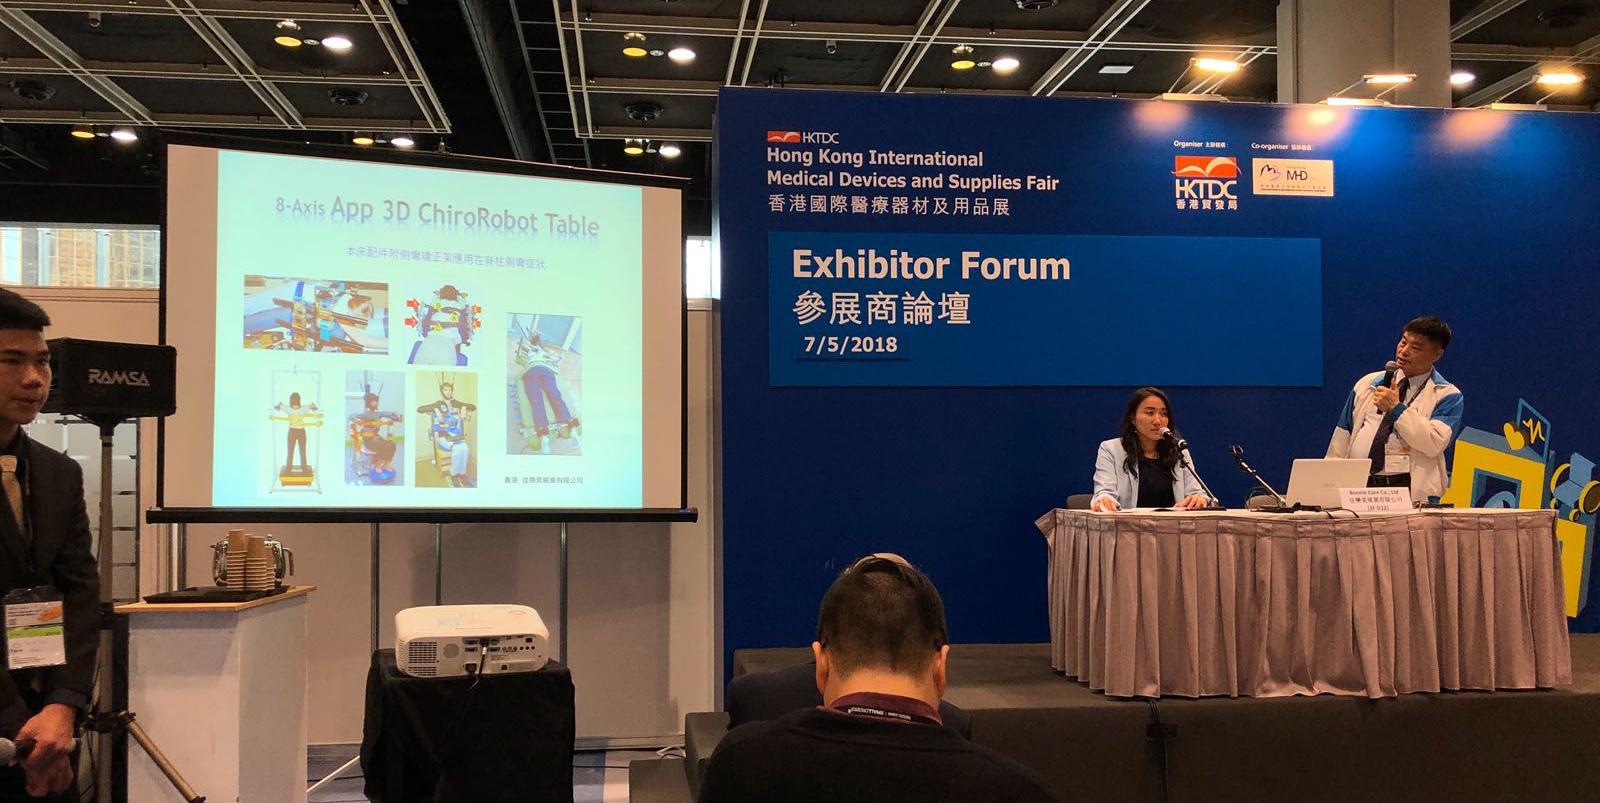 參加香港國際醫療設備展覽論壇